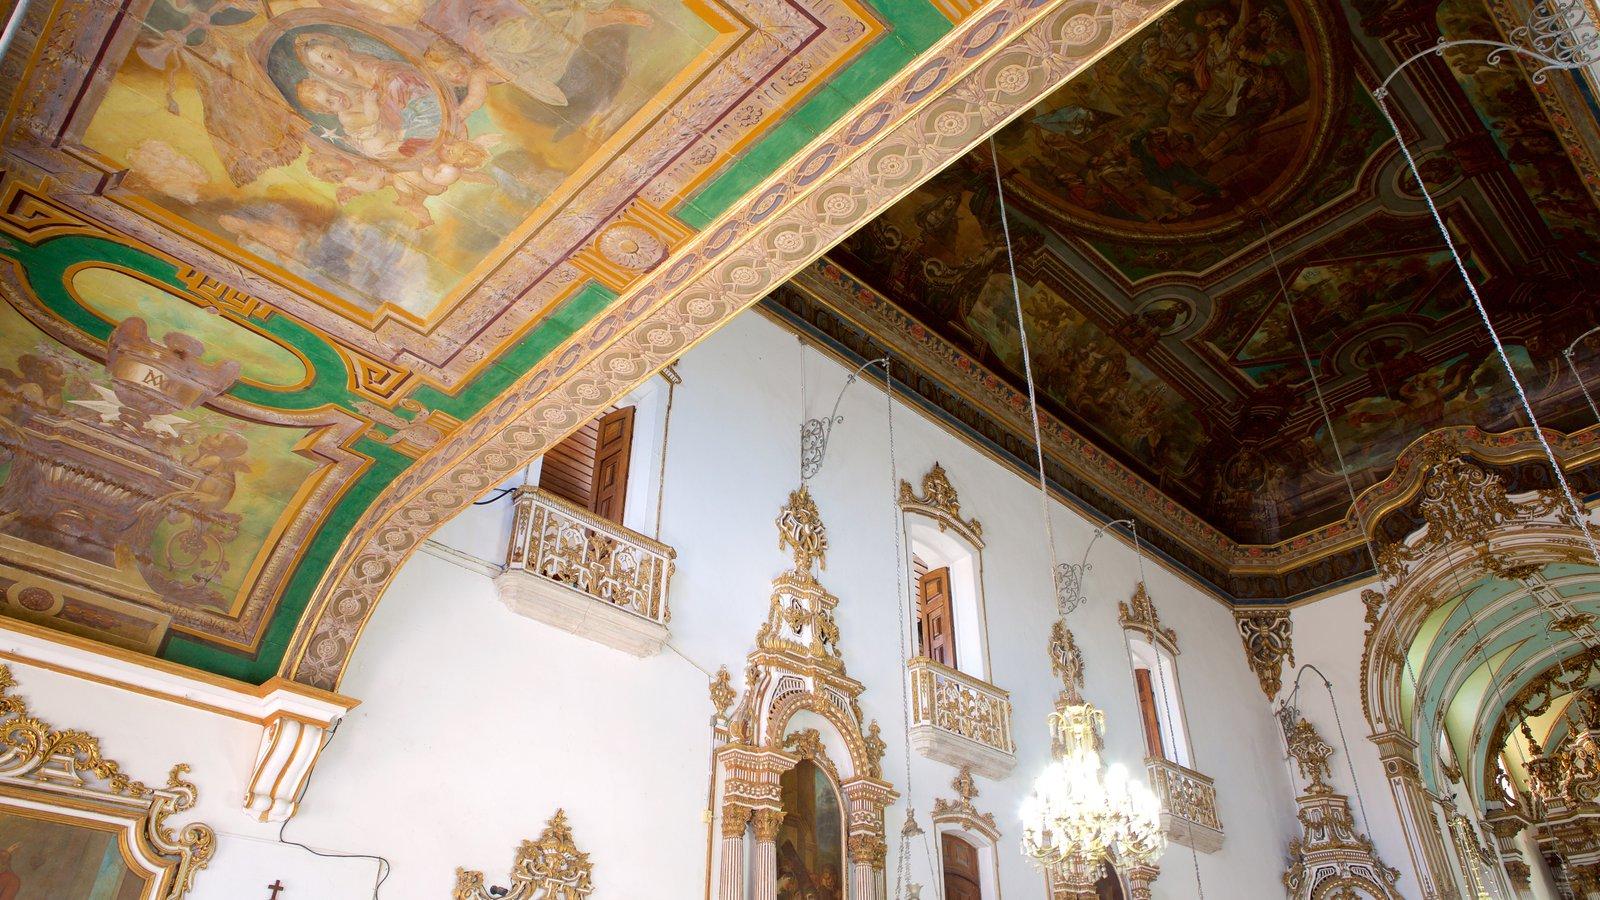 Igreja do Nosso Senhor do Bonfim caracterizando arte e uma igreja ou catedral